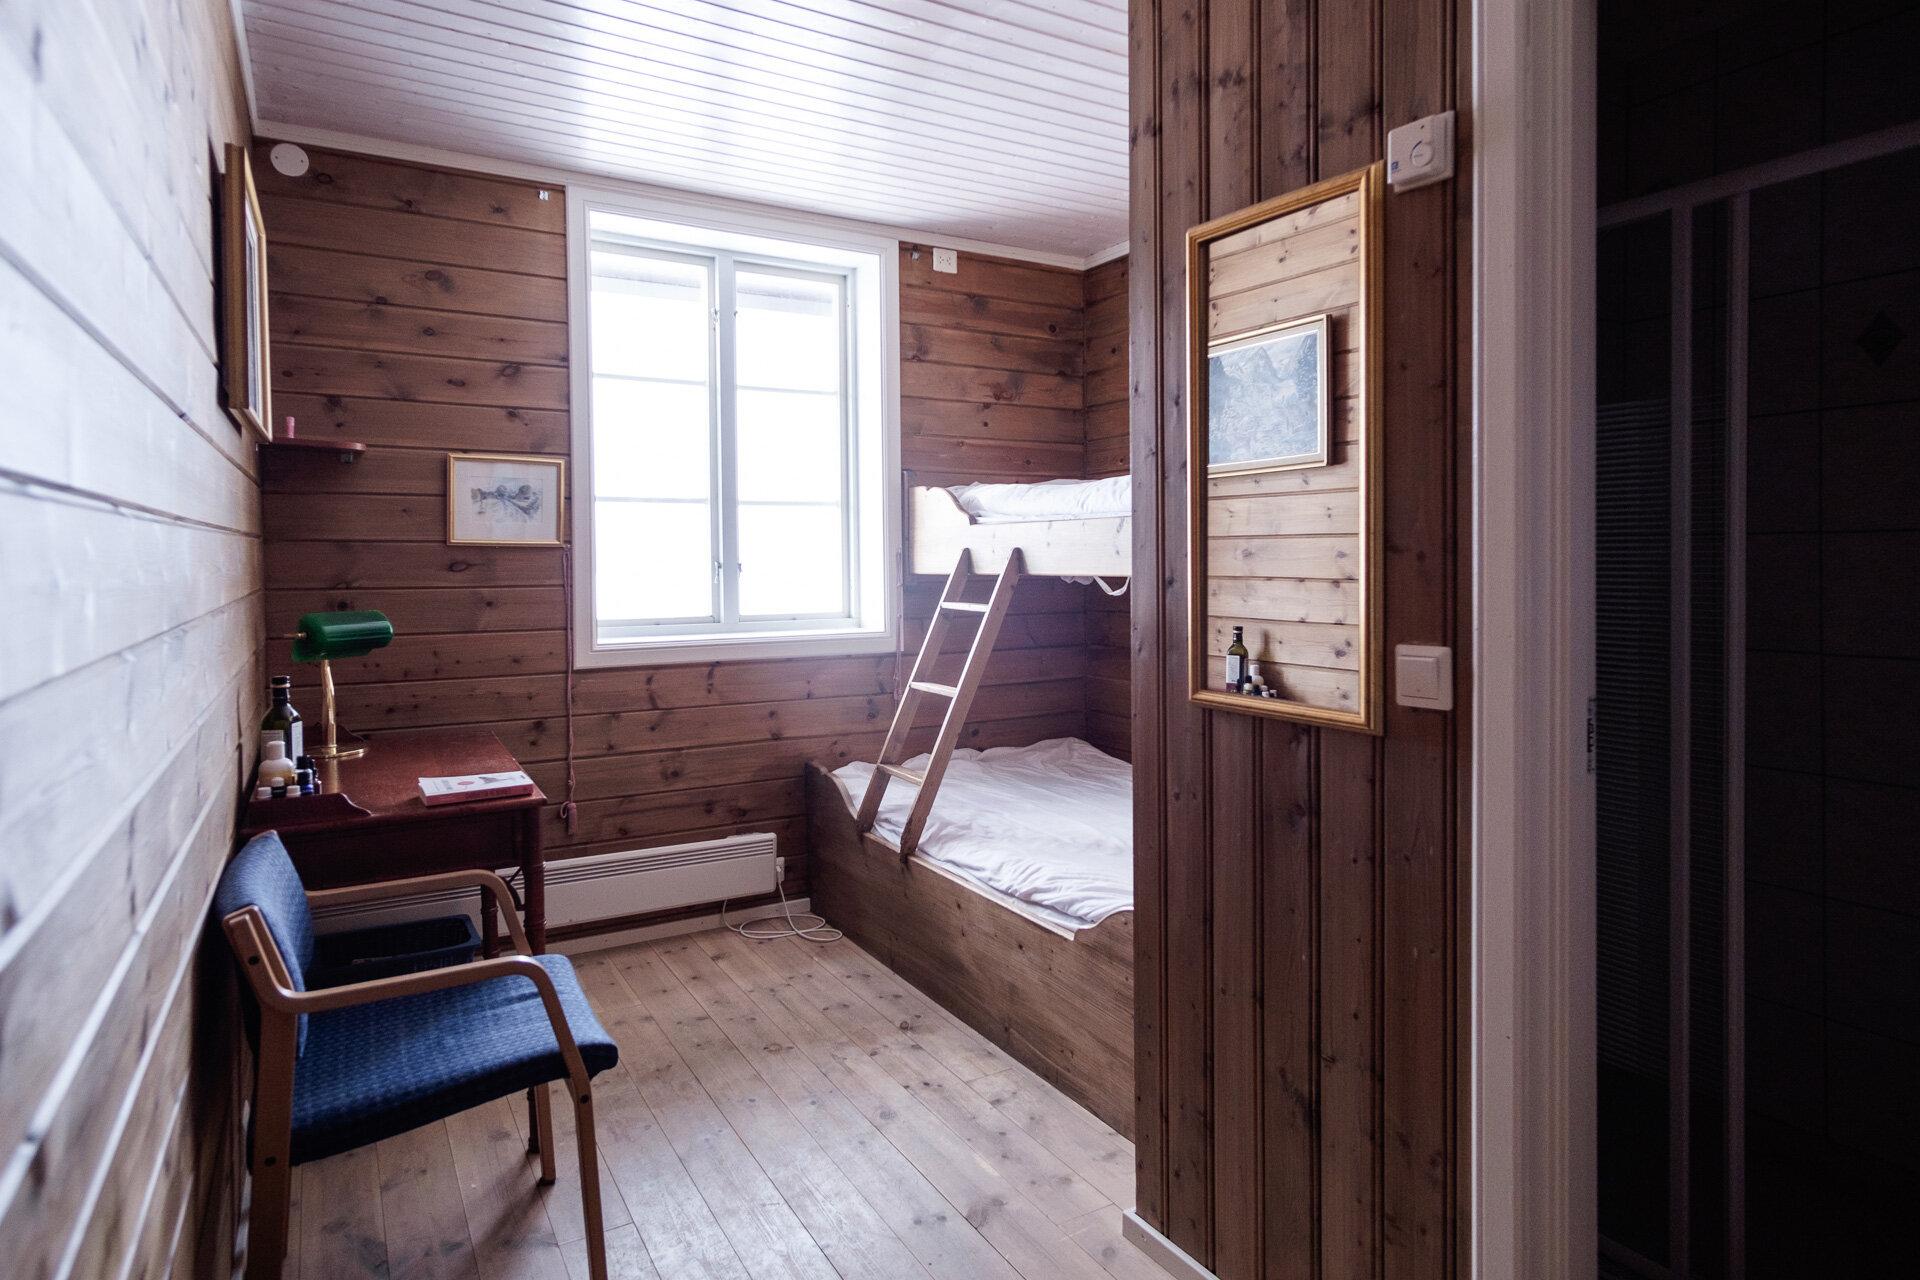 SebastianDahl-20-SEBD2786-Nøsen interiør.jpg